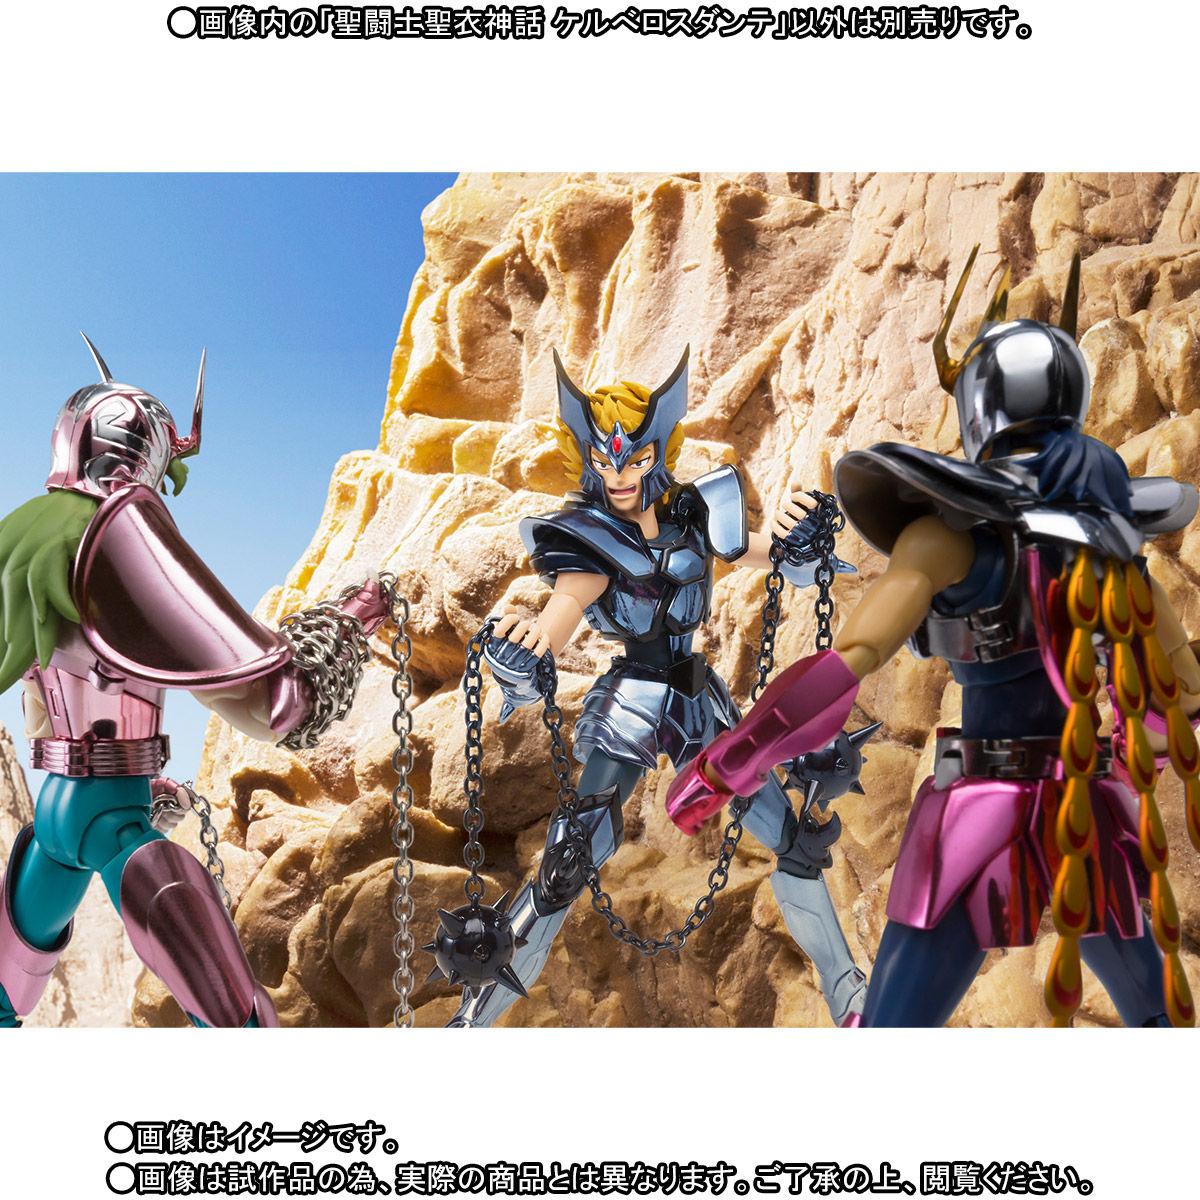 聖闘士聖衣神話 ケルベロス ダンテ-009